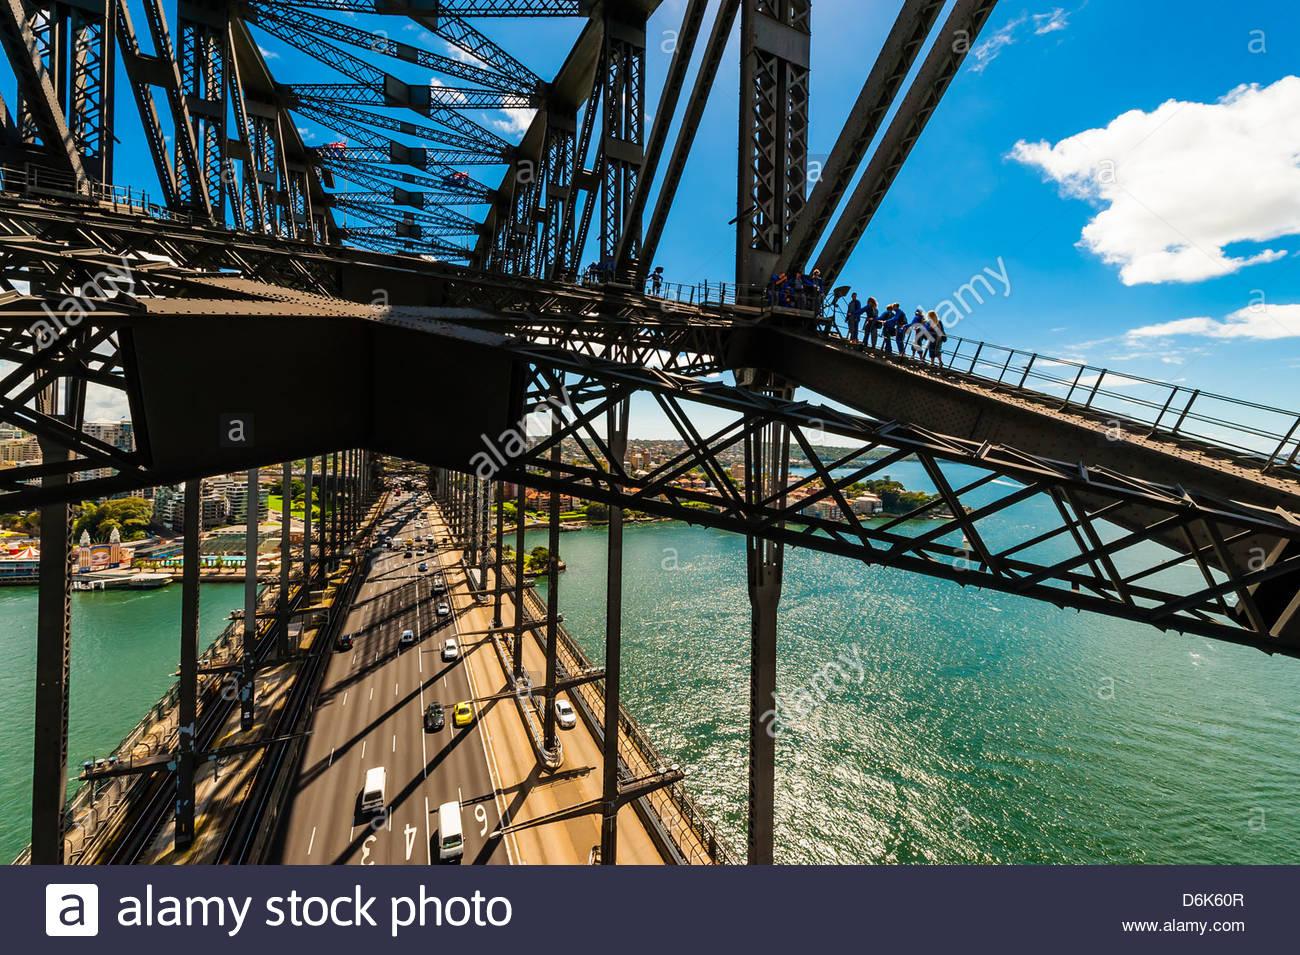 La gente sube a lo alto del puente del puerto de Sydney, BridgeClimb Sydney, Sydney, New South Wales, Australia Imagen De Stock